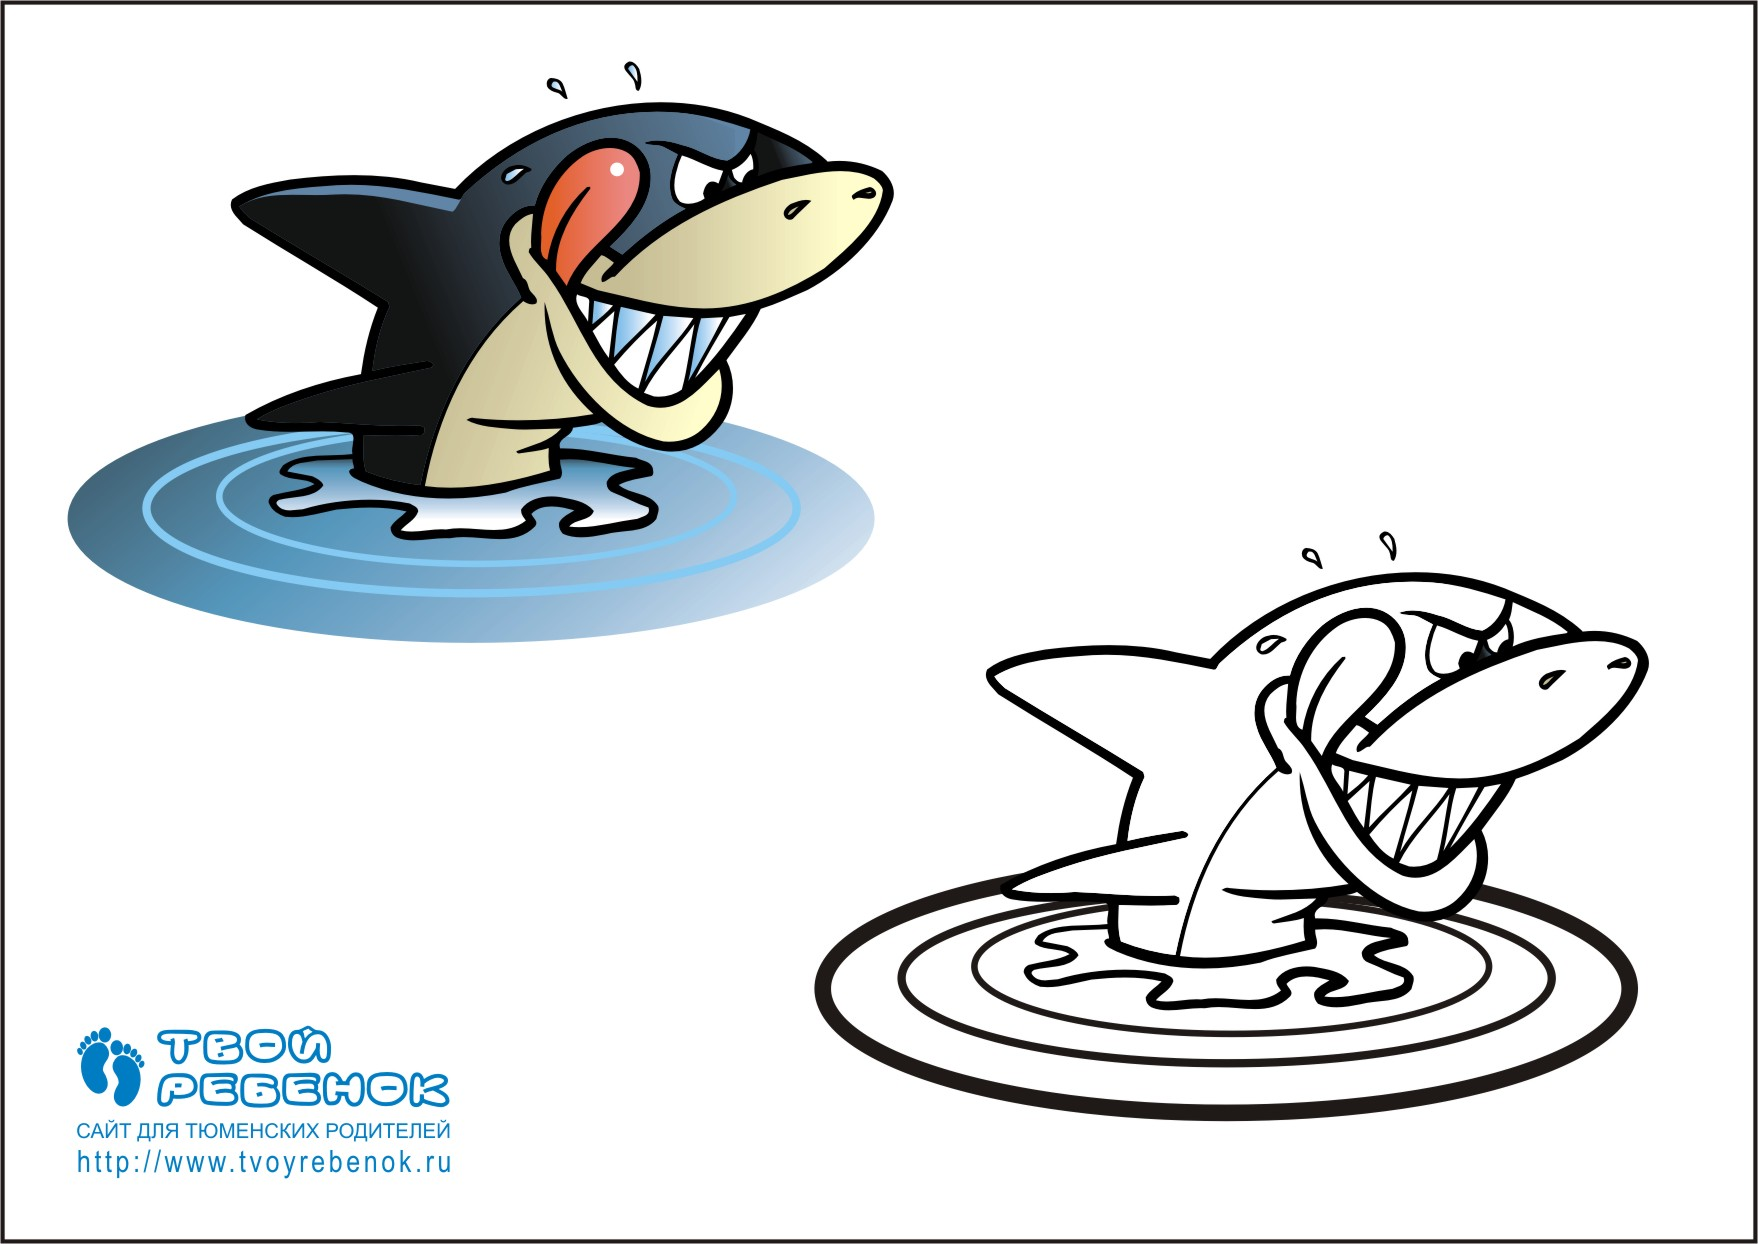 Раскраска акула | Скачать, распечатать бесплатно!